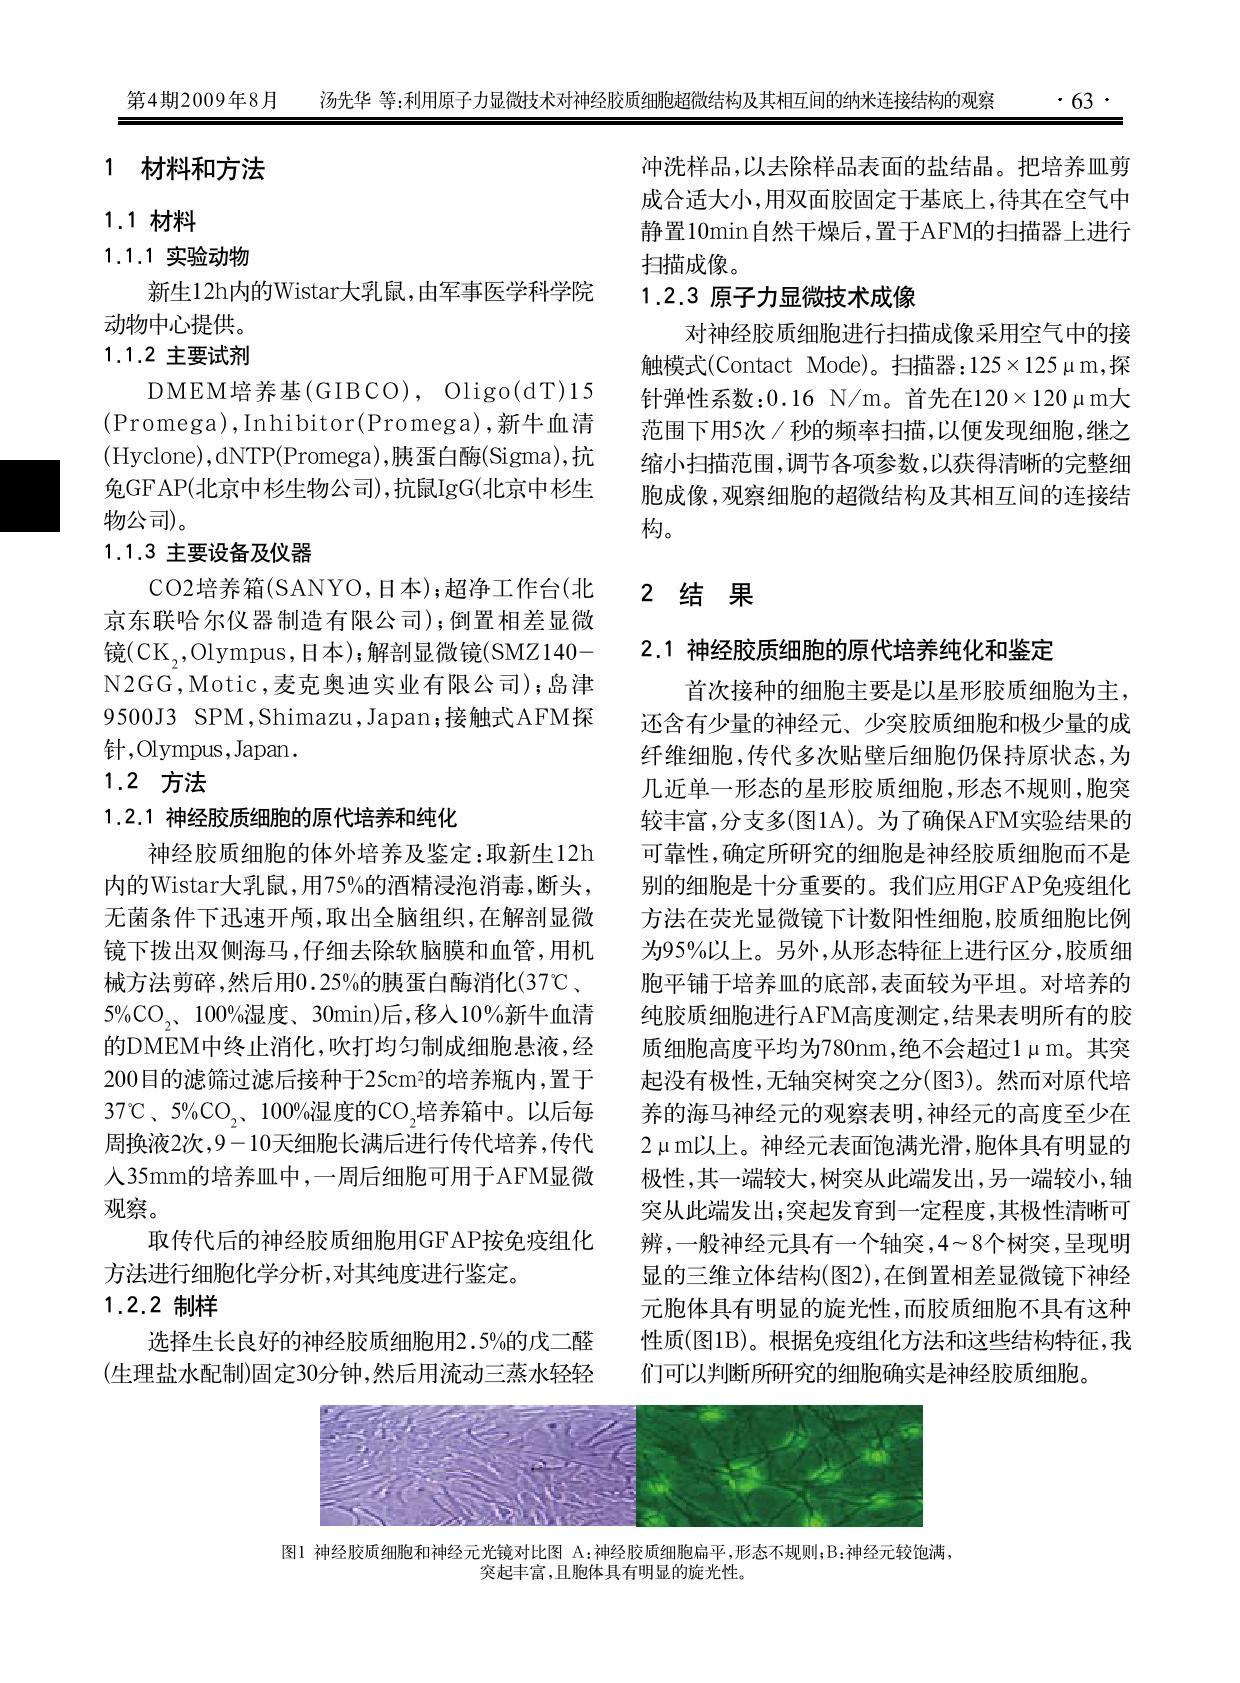 利用原子力显微技术对神经胶质细胞超微结构及其相